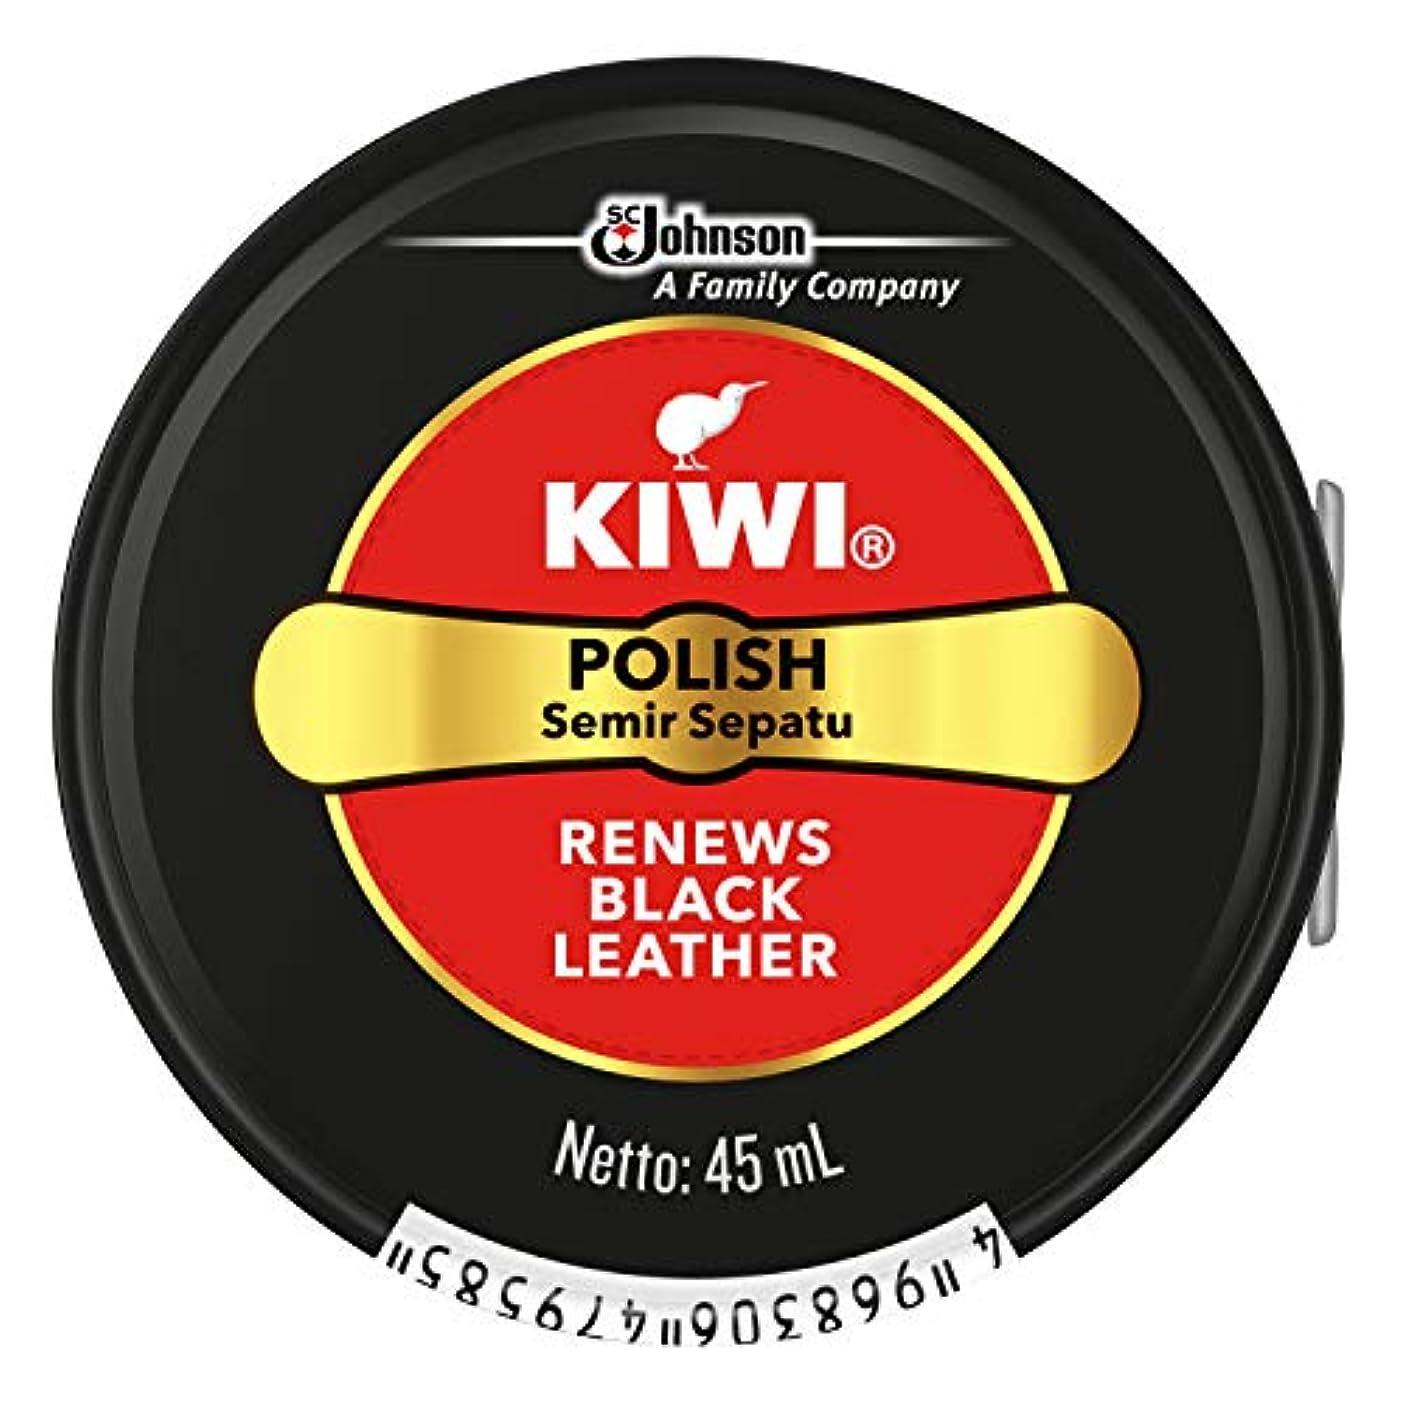 マグ気づかない振る舞いKIWI 油性靴クリーム 黒用 45ml